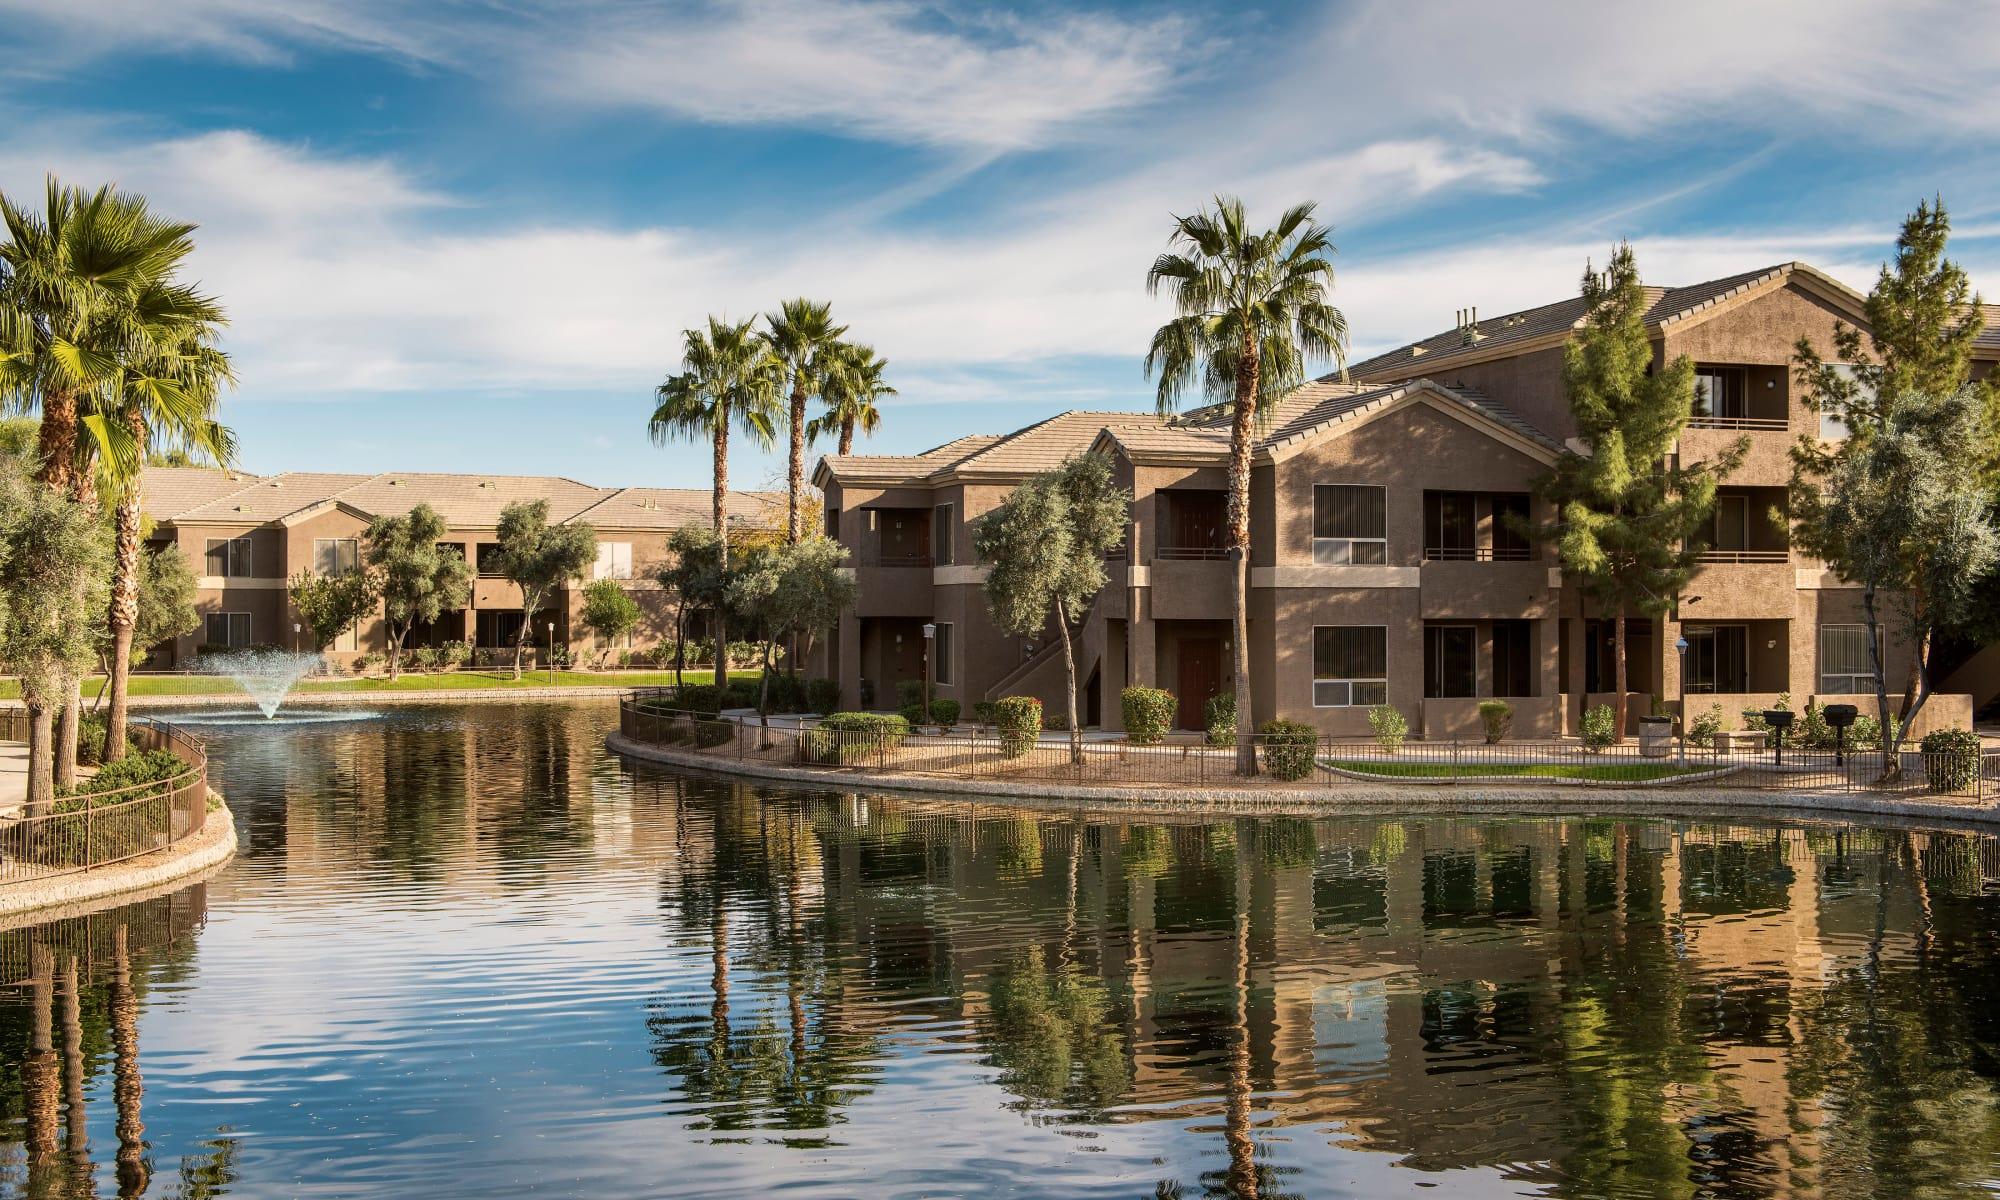 Apartments in Glendale, Arizona, at Laguna at Arrowhead Ranch